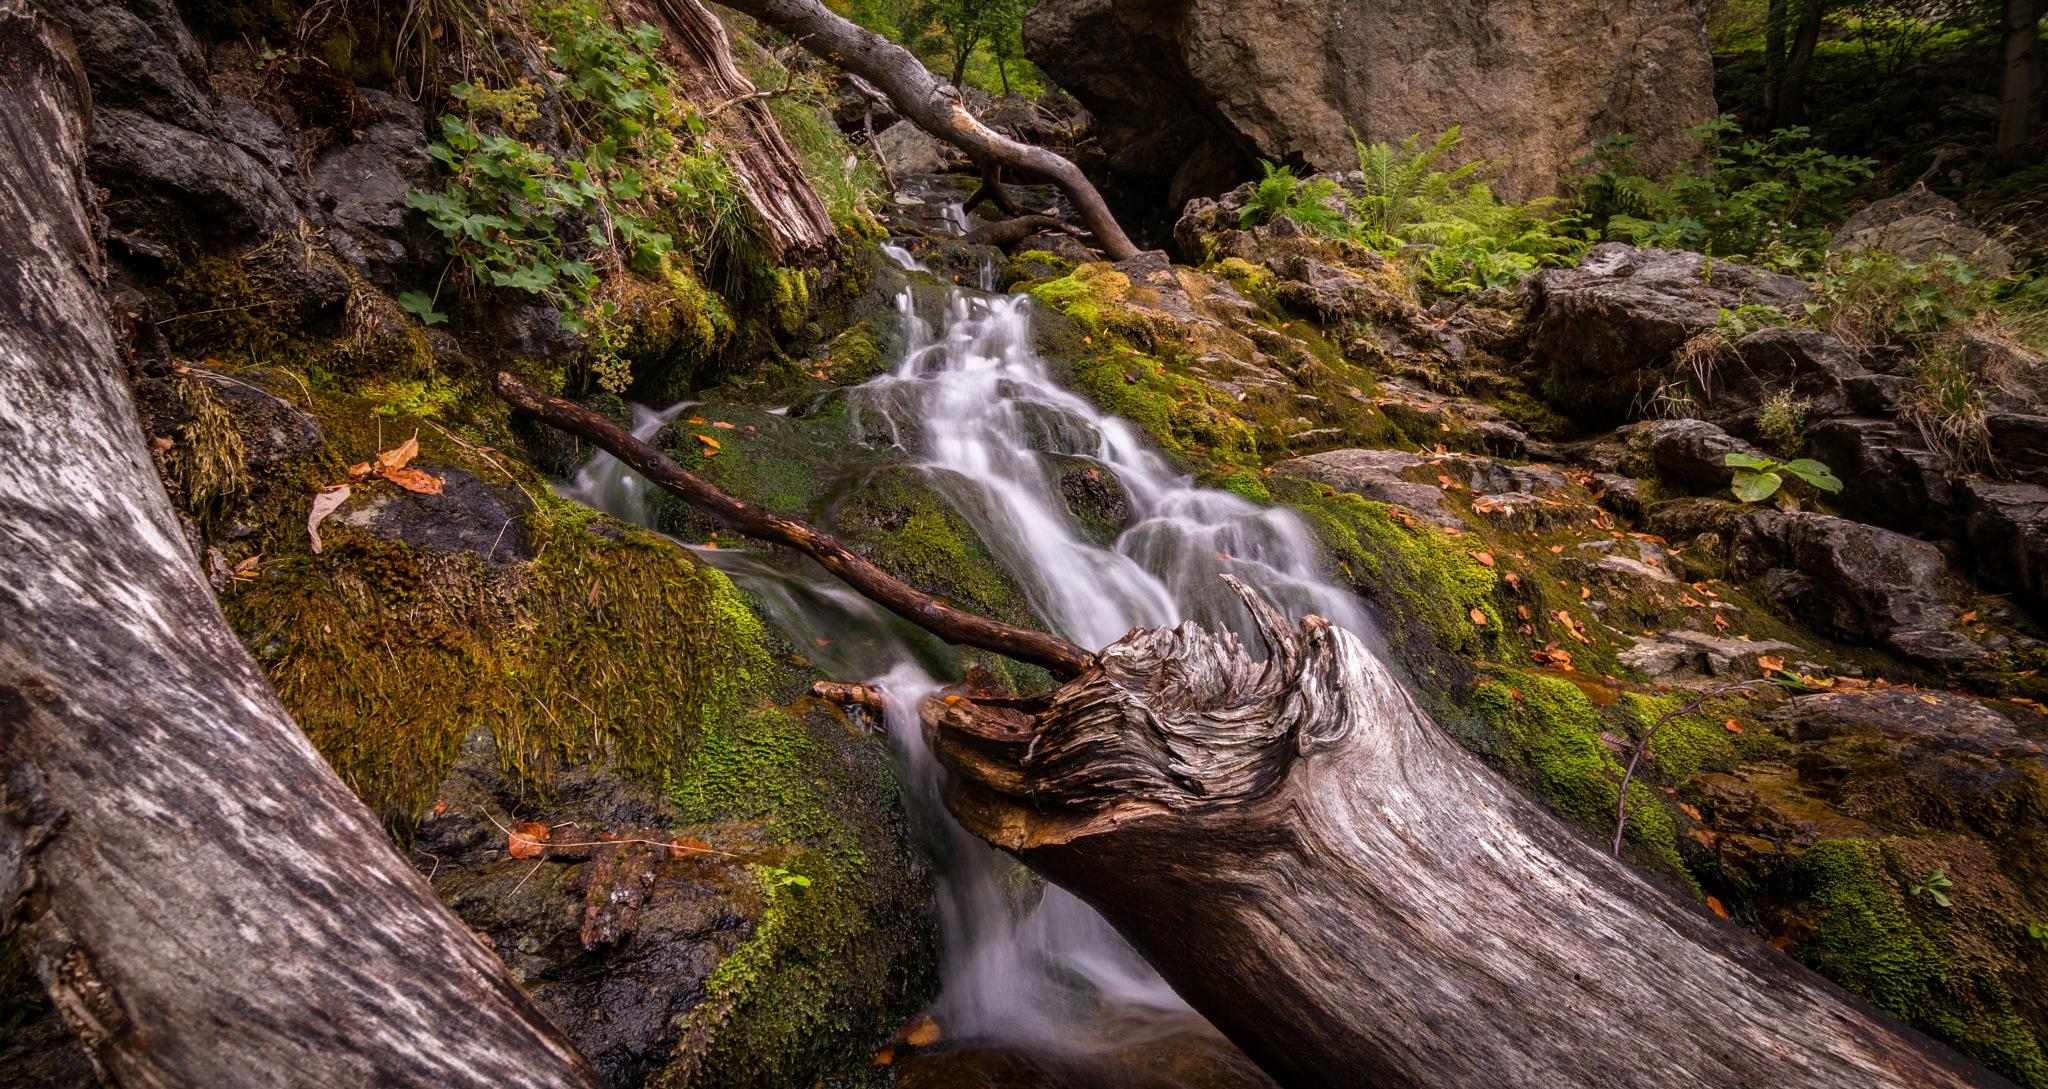 Waterfall by Anton Atanasov